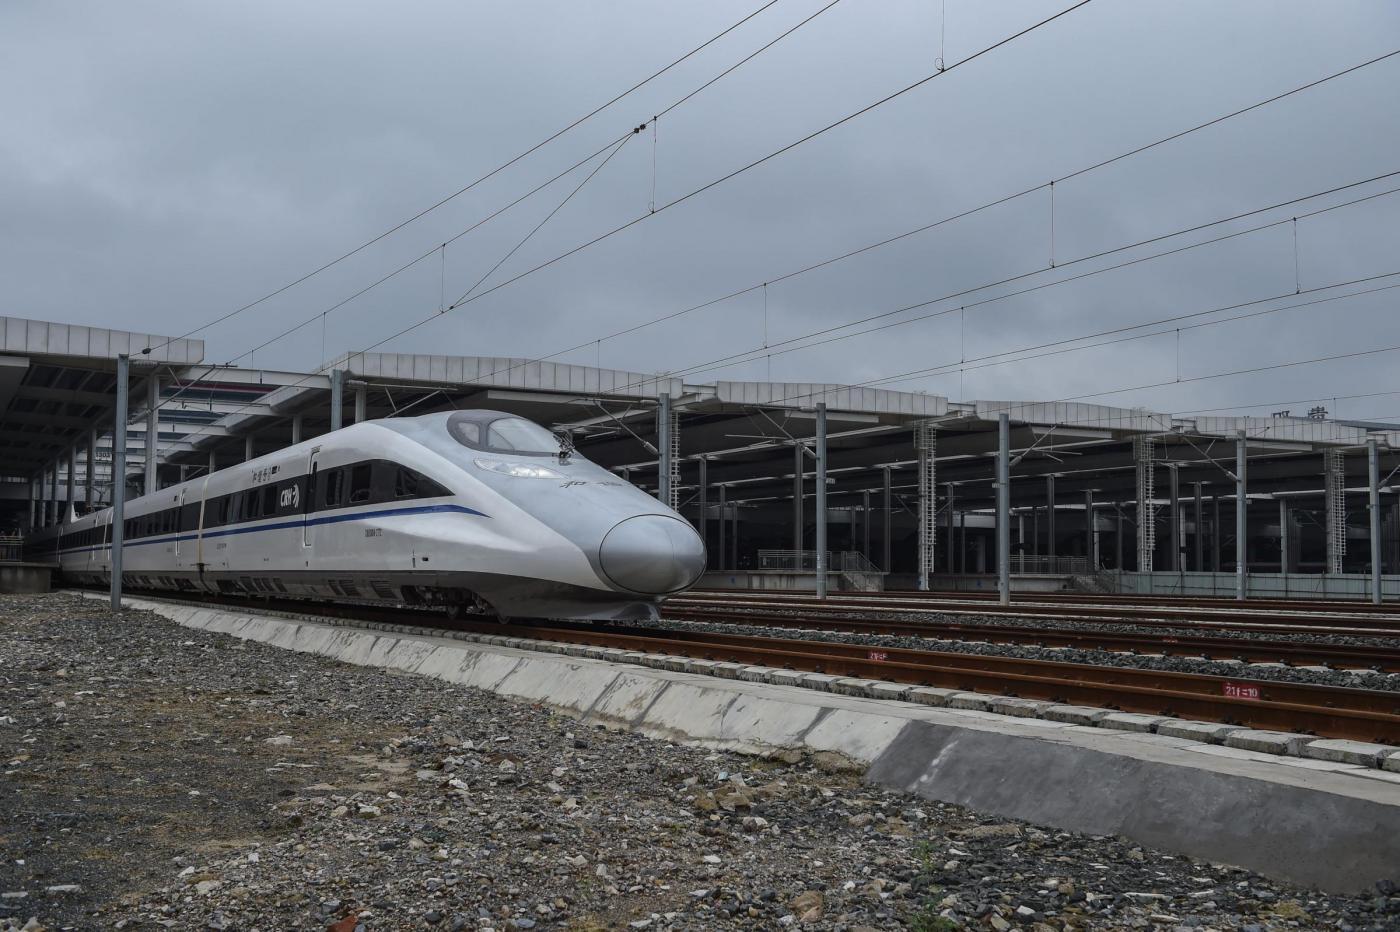 Svizzera, genitori dimenticano figlio neonato in treno